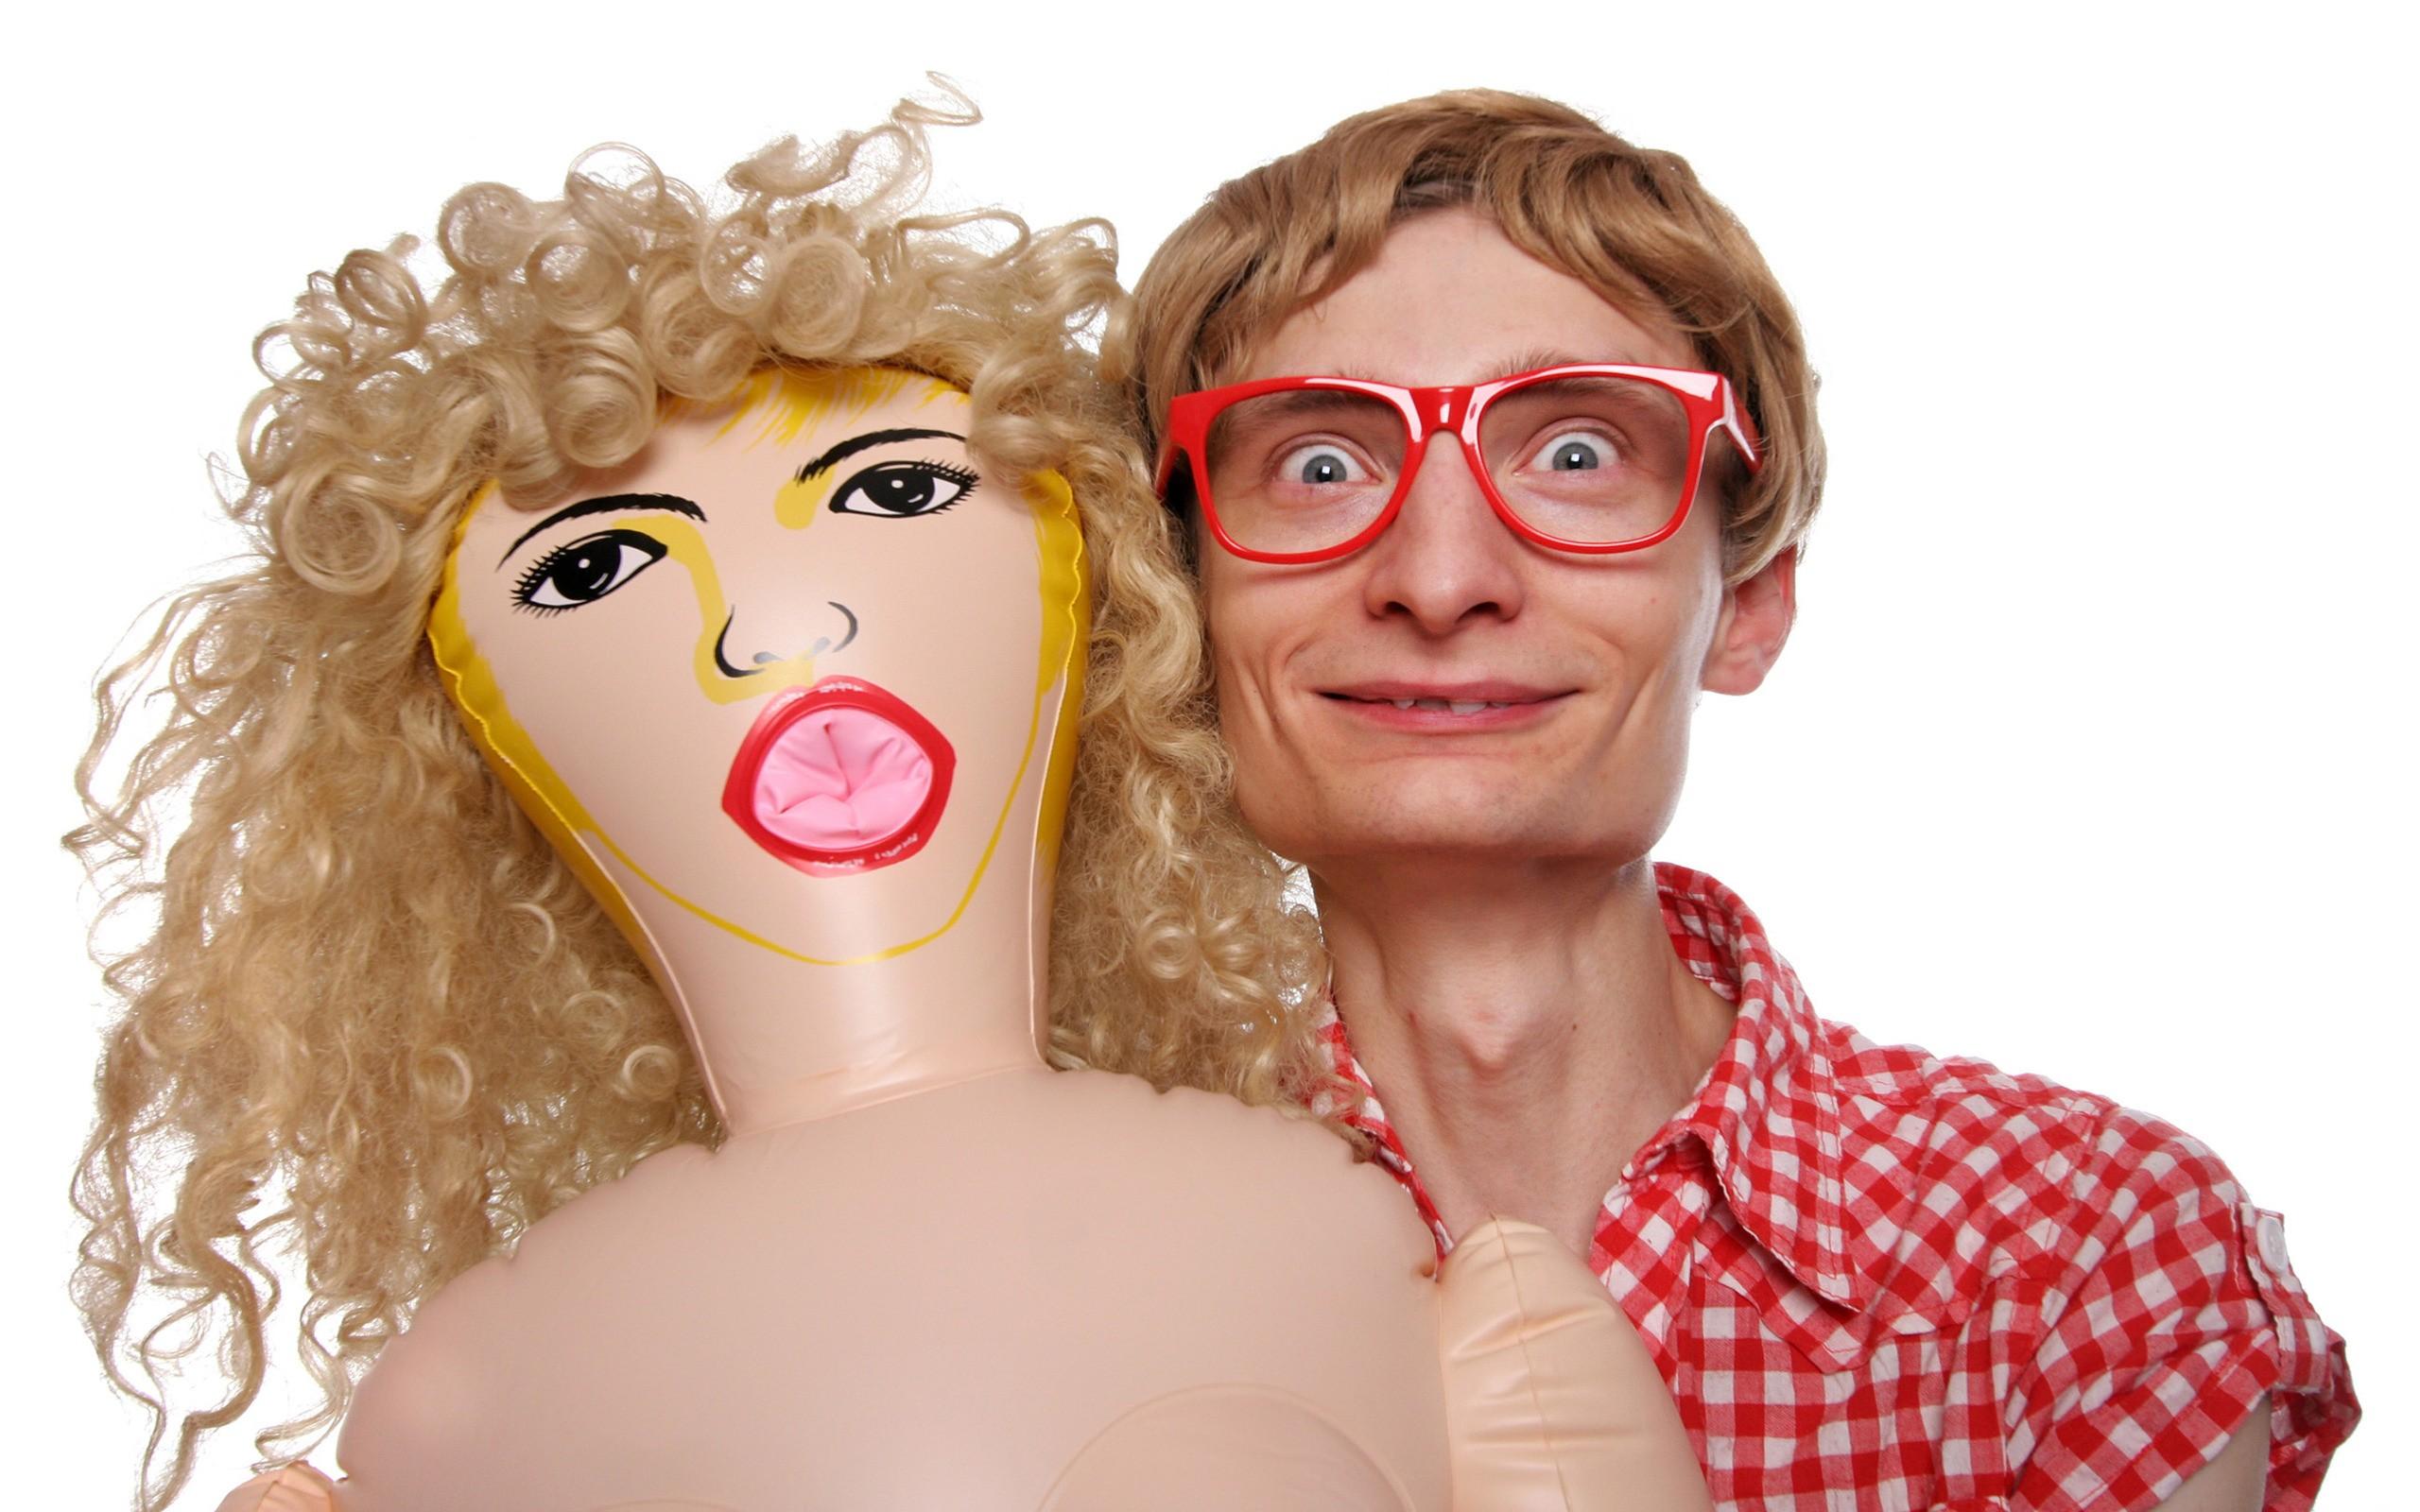 резиновой женщины фото